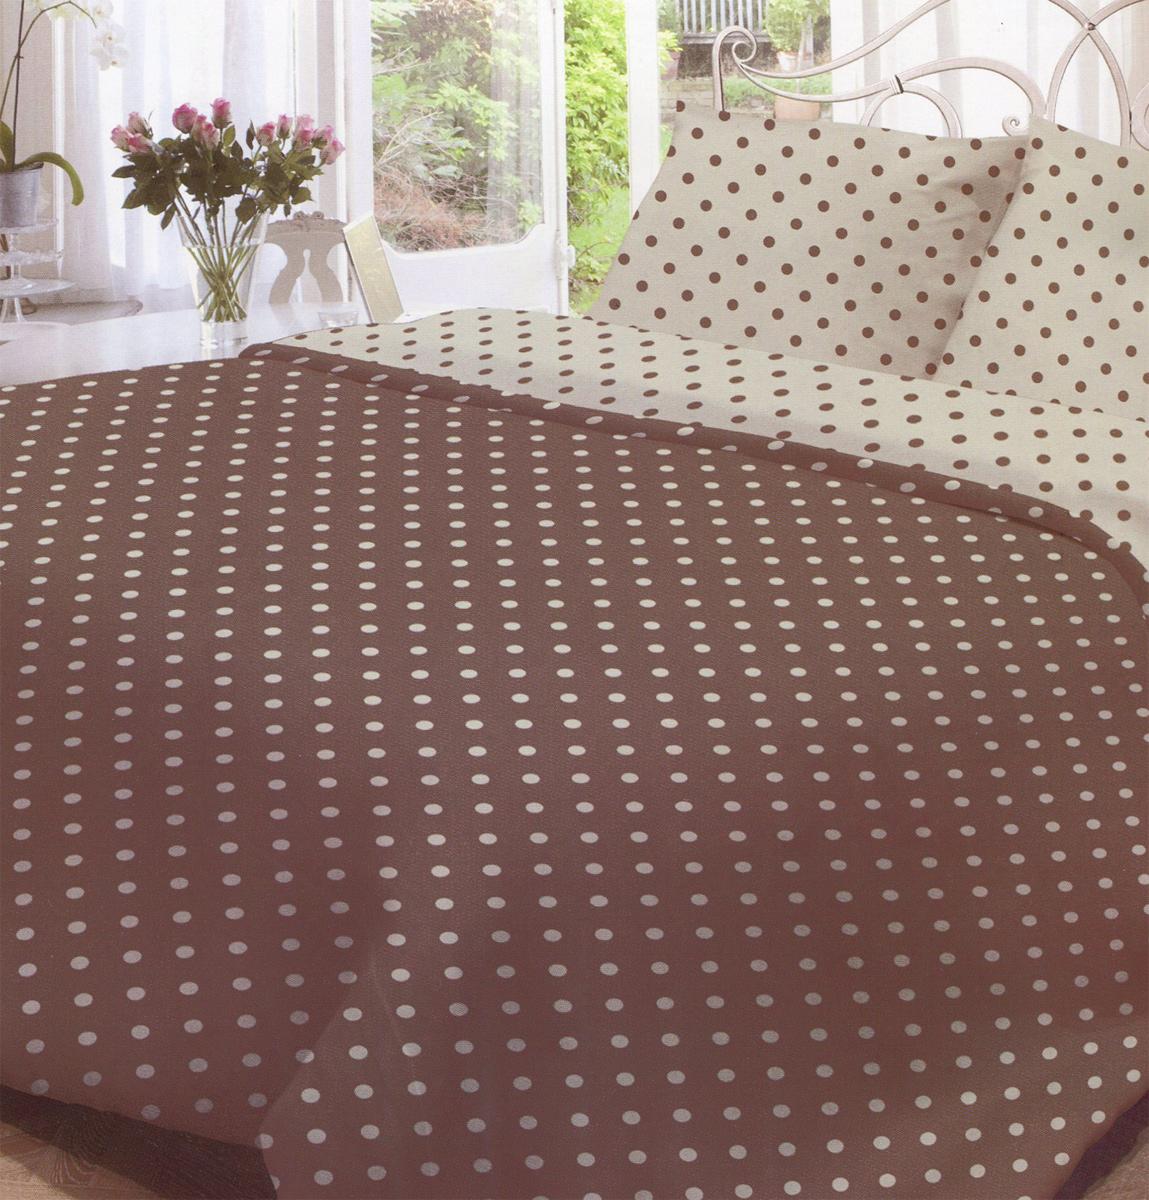 Комплект белья Нежность Мадлена, 1,5-спальный, наволочки 70x70, цвет: серый, коричневыйCA-3505Комплект белья Нежность Мадлена, изготовленный из бязи (100% хлопка), состоит из пододеяльника, простыни и двух наволочек. Бязевое постельное белье имеет самое простое полотняное переплетение из достаточно толстых, но мягких нитей. Стоит постельное белье из этой ткани не намного дороже поликоттона или полиэфира, но приятней на ощупь и лучше пропускает воздух. Благодаря современным технологиям окраски, белье не теряет свой цвет даже после множества стирок. Рекомендации по уходу: - Стирка при температуре не более 60°С, - Не отбеливать, - Можно гладить, - Химчистка запрещена.